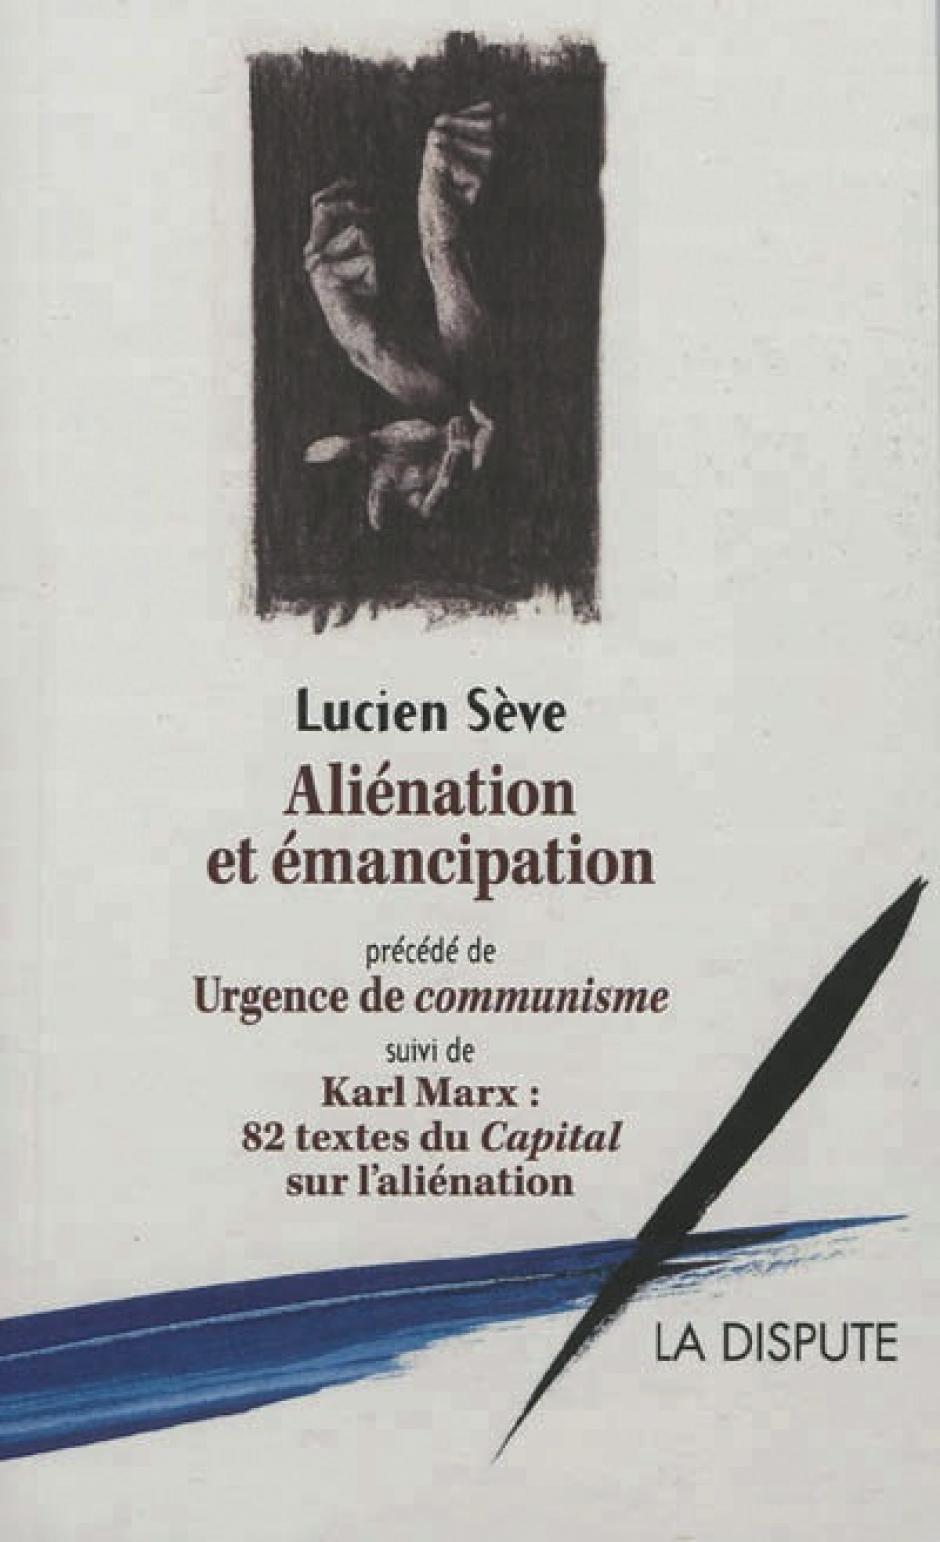 Aliénation et émancipation, Lucien Sève